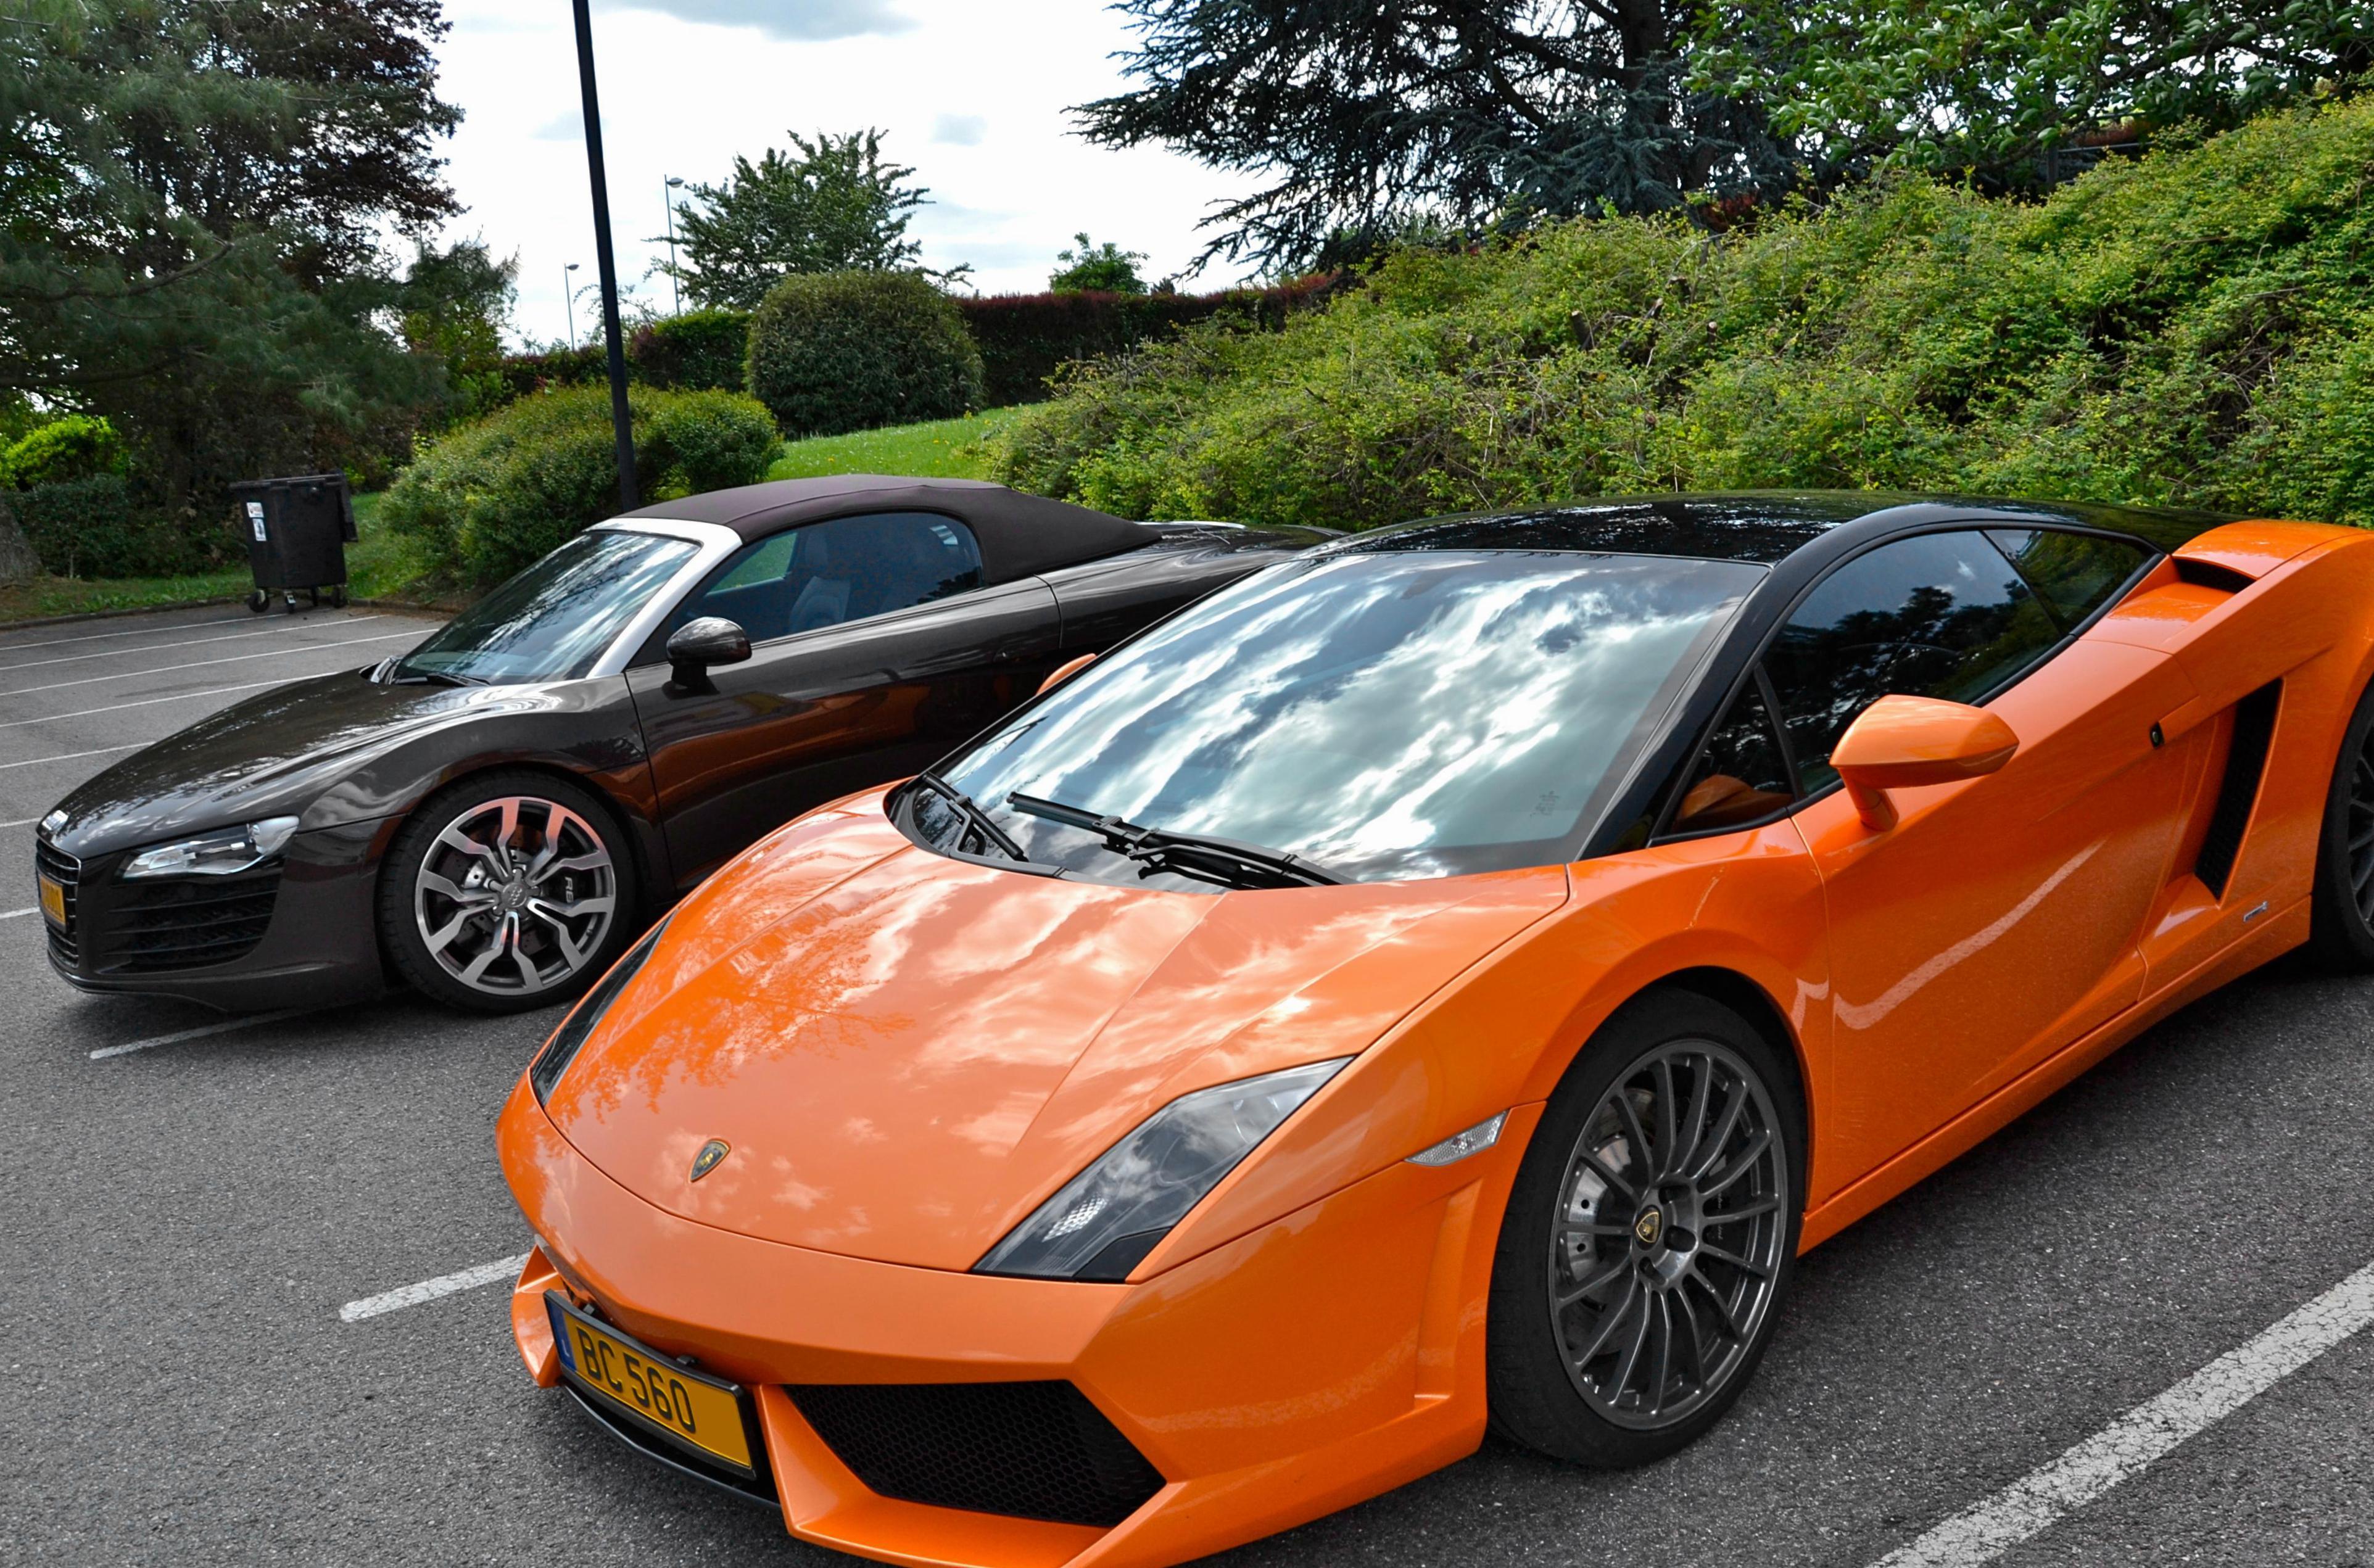 Lamborghini Gallardo Lp 560 4 Bicolore Photos And Specs Photo